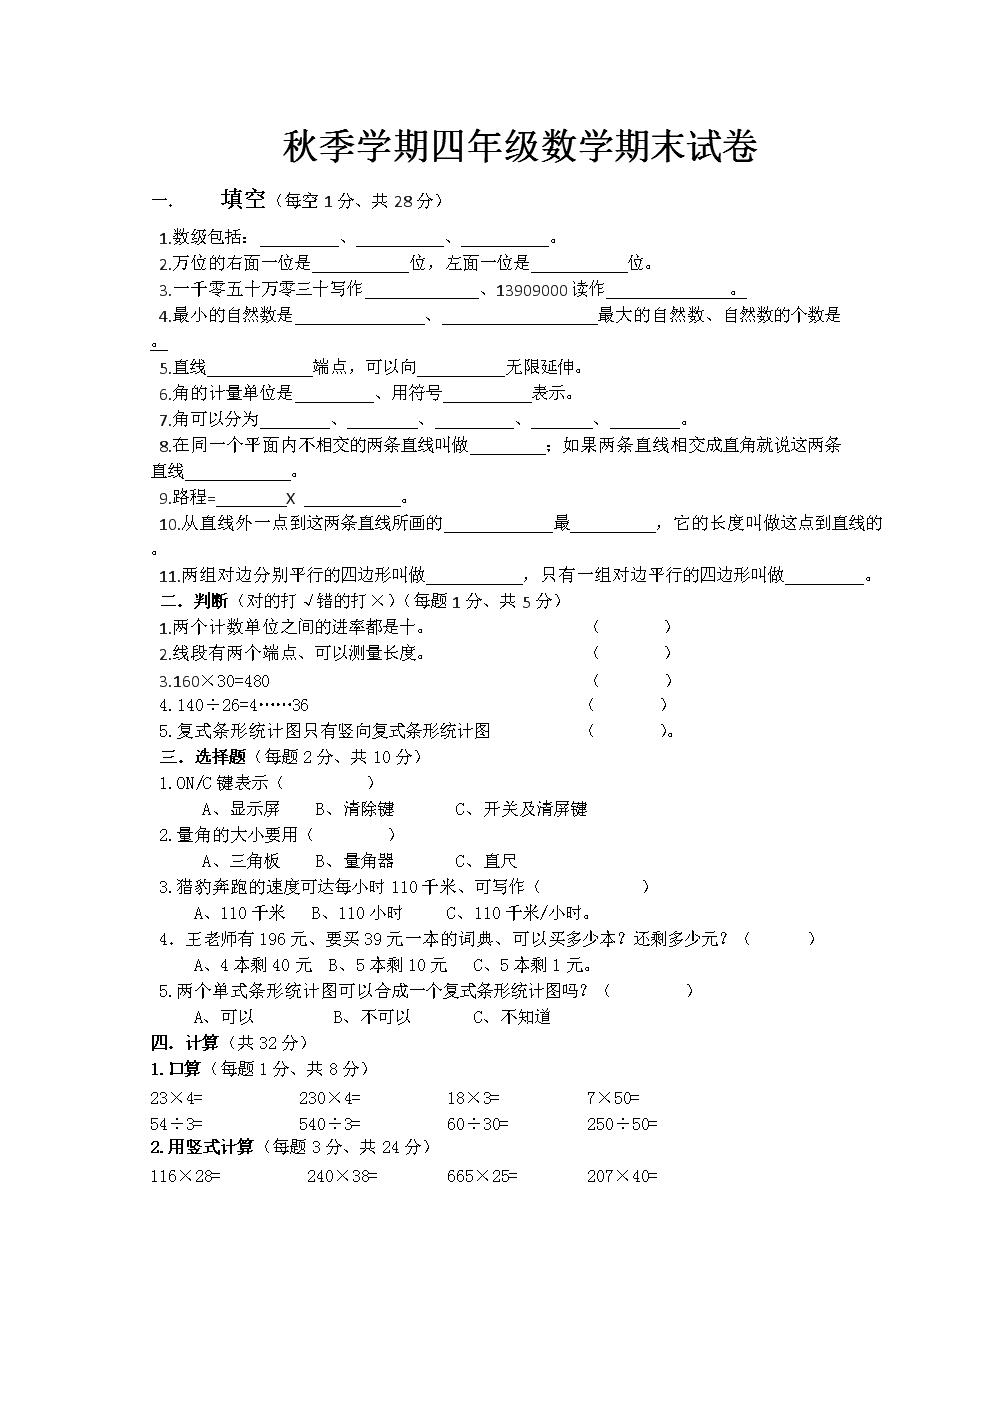 四年级数学秋季学期数学试卷.docx